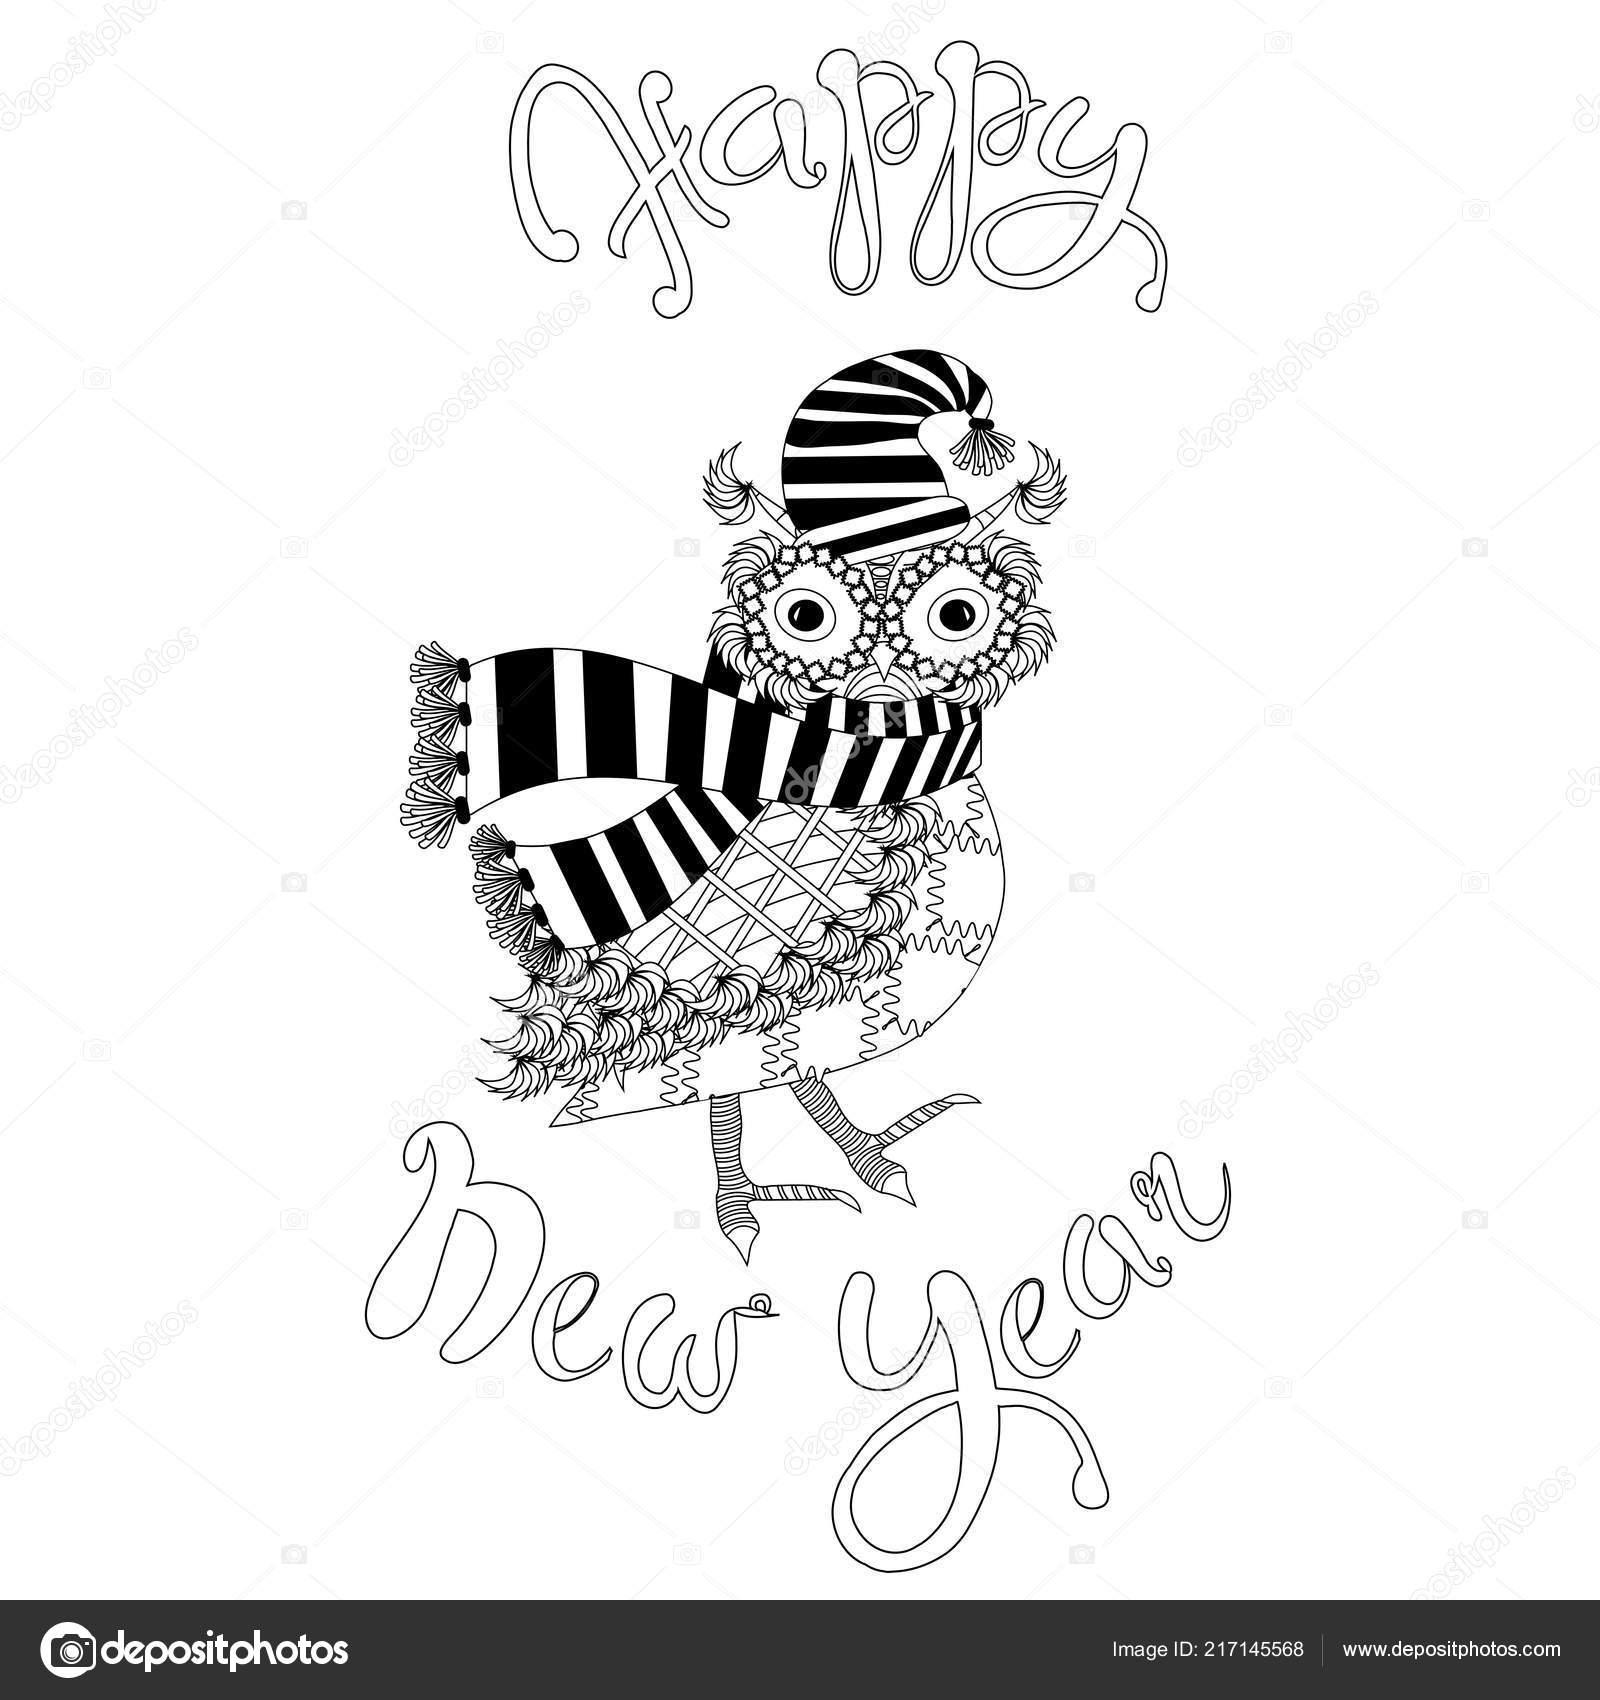 Happy New Year çizgili Atkı şapka Sayfa Tasarım öğesi Hisse Stok